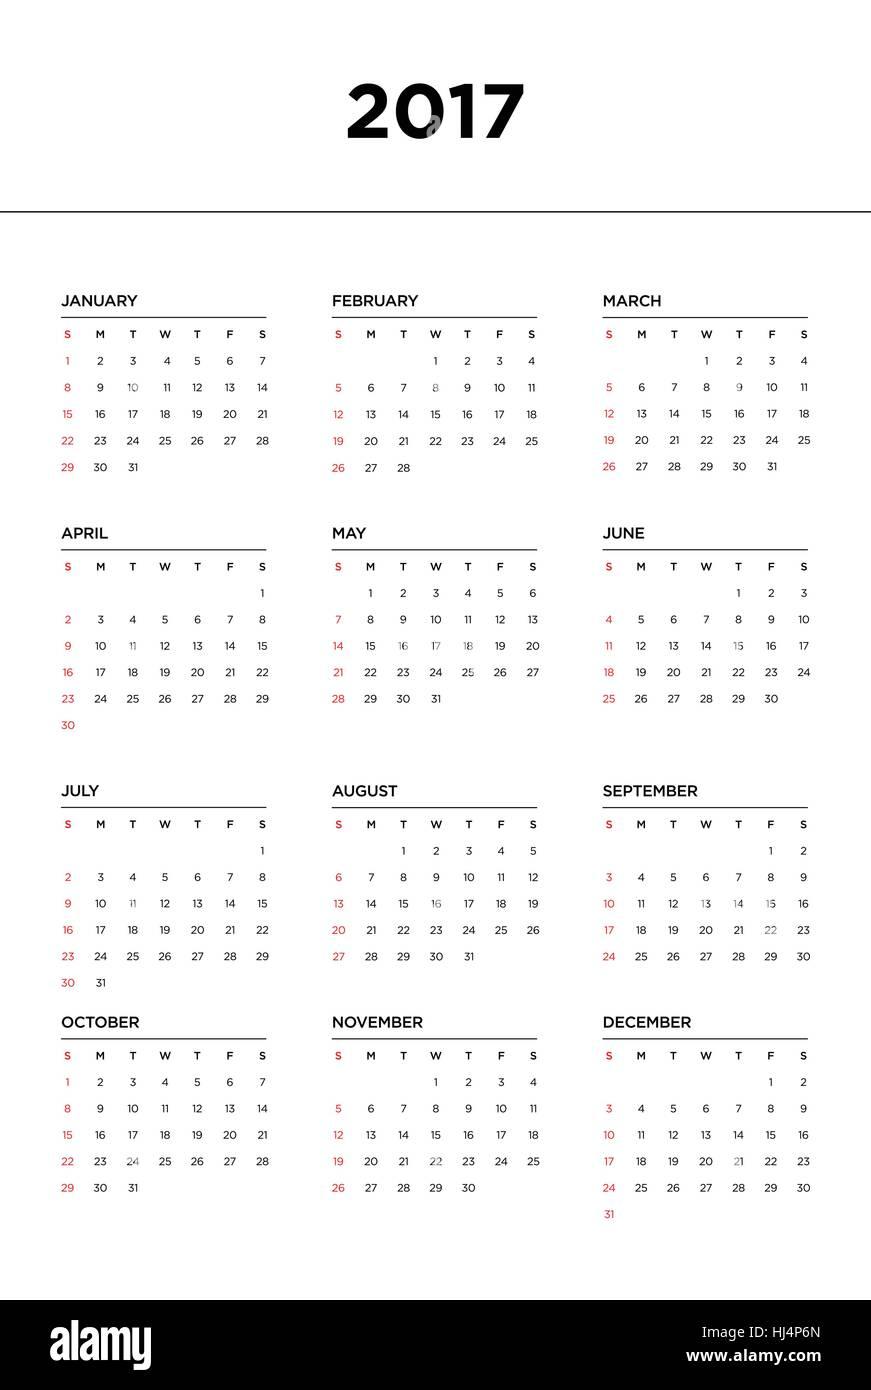 Ausgezeichnet Freie Woche Kalender Vorlage Galerie - FORTSETZUNG ...